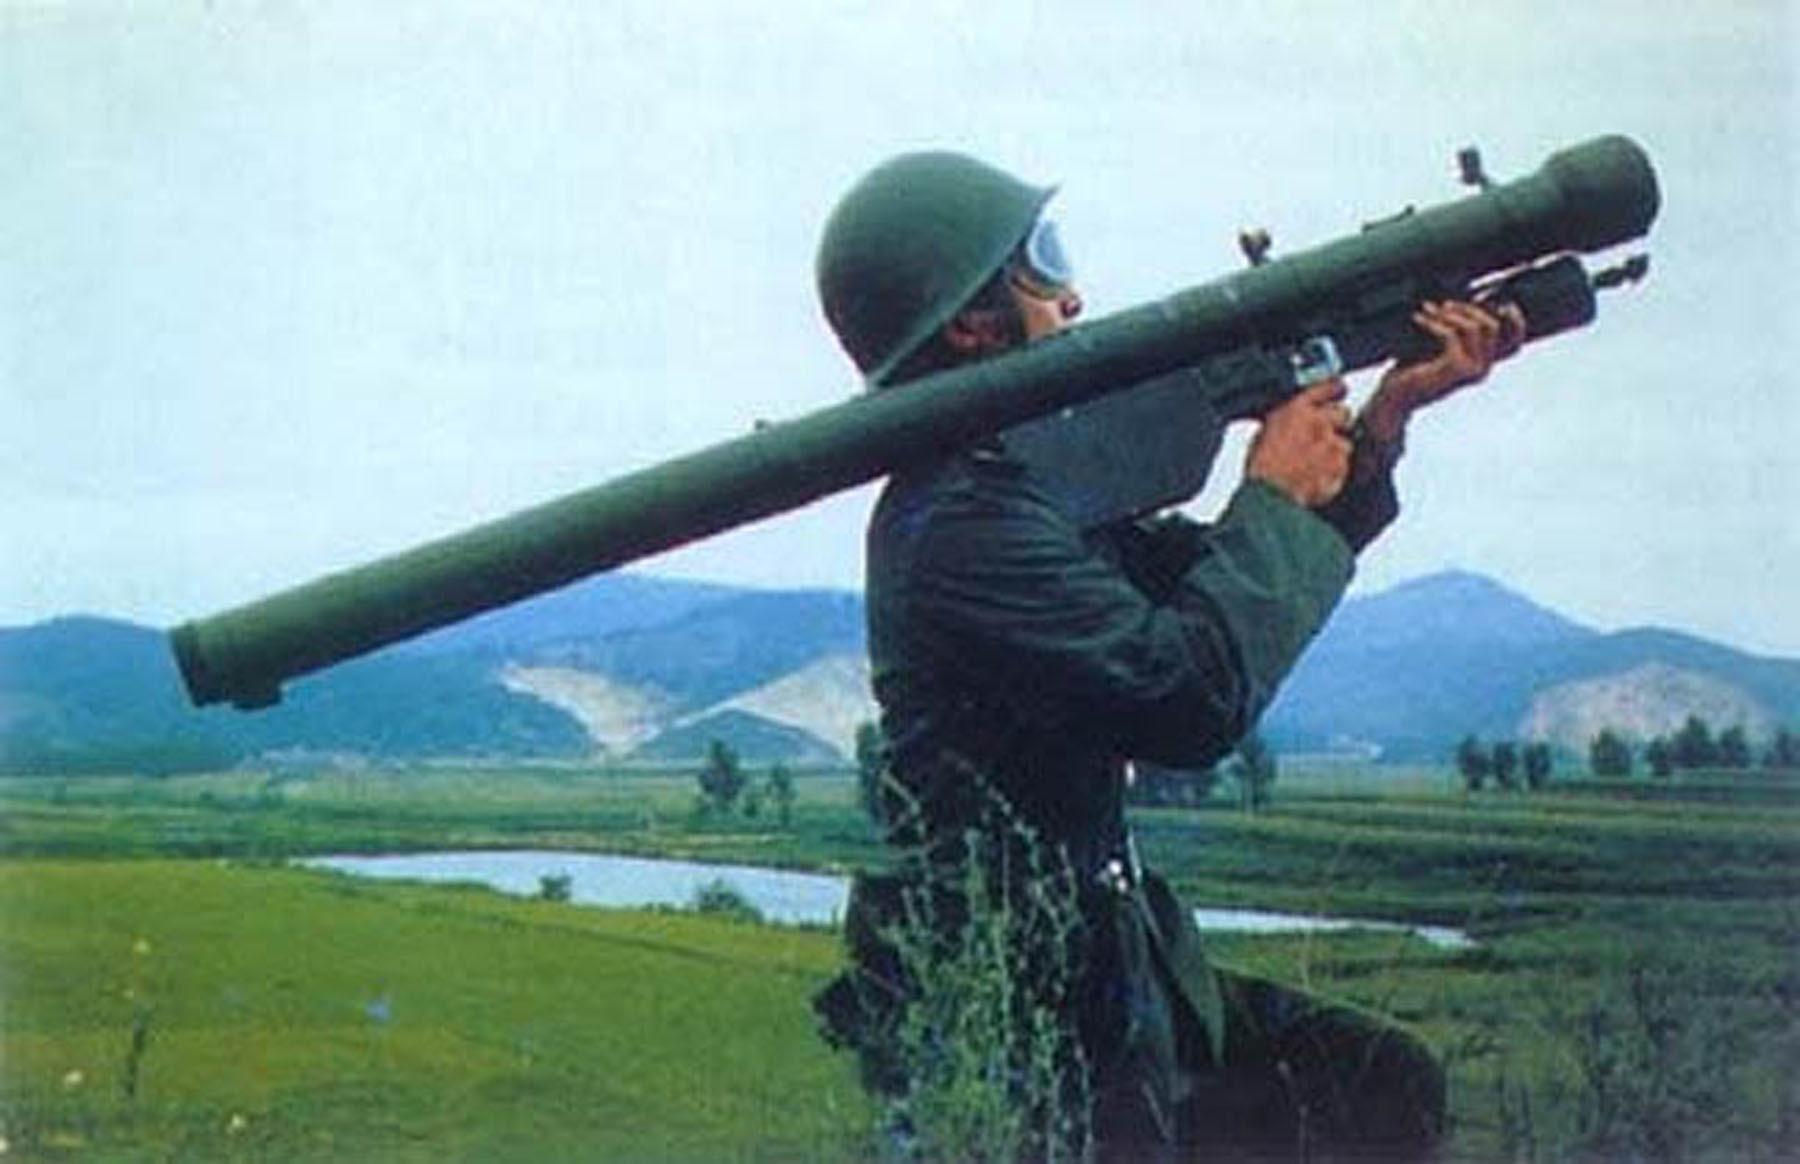 Misil antiaéreo 9K32 Strelá-2.